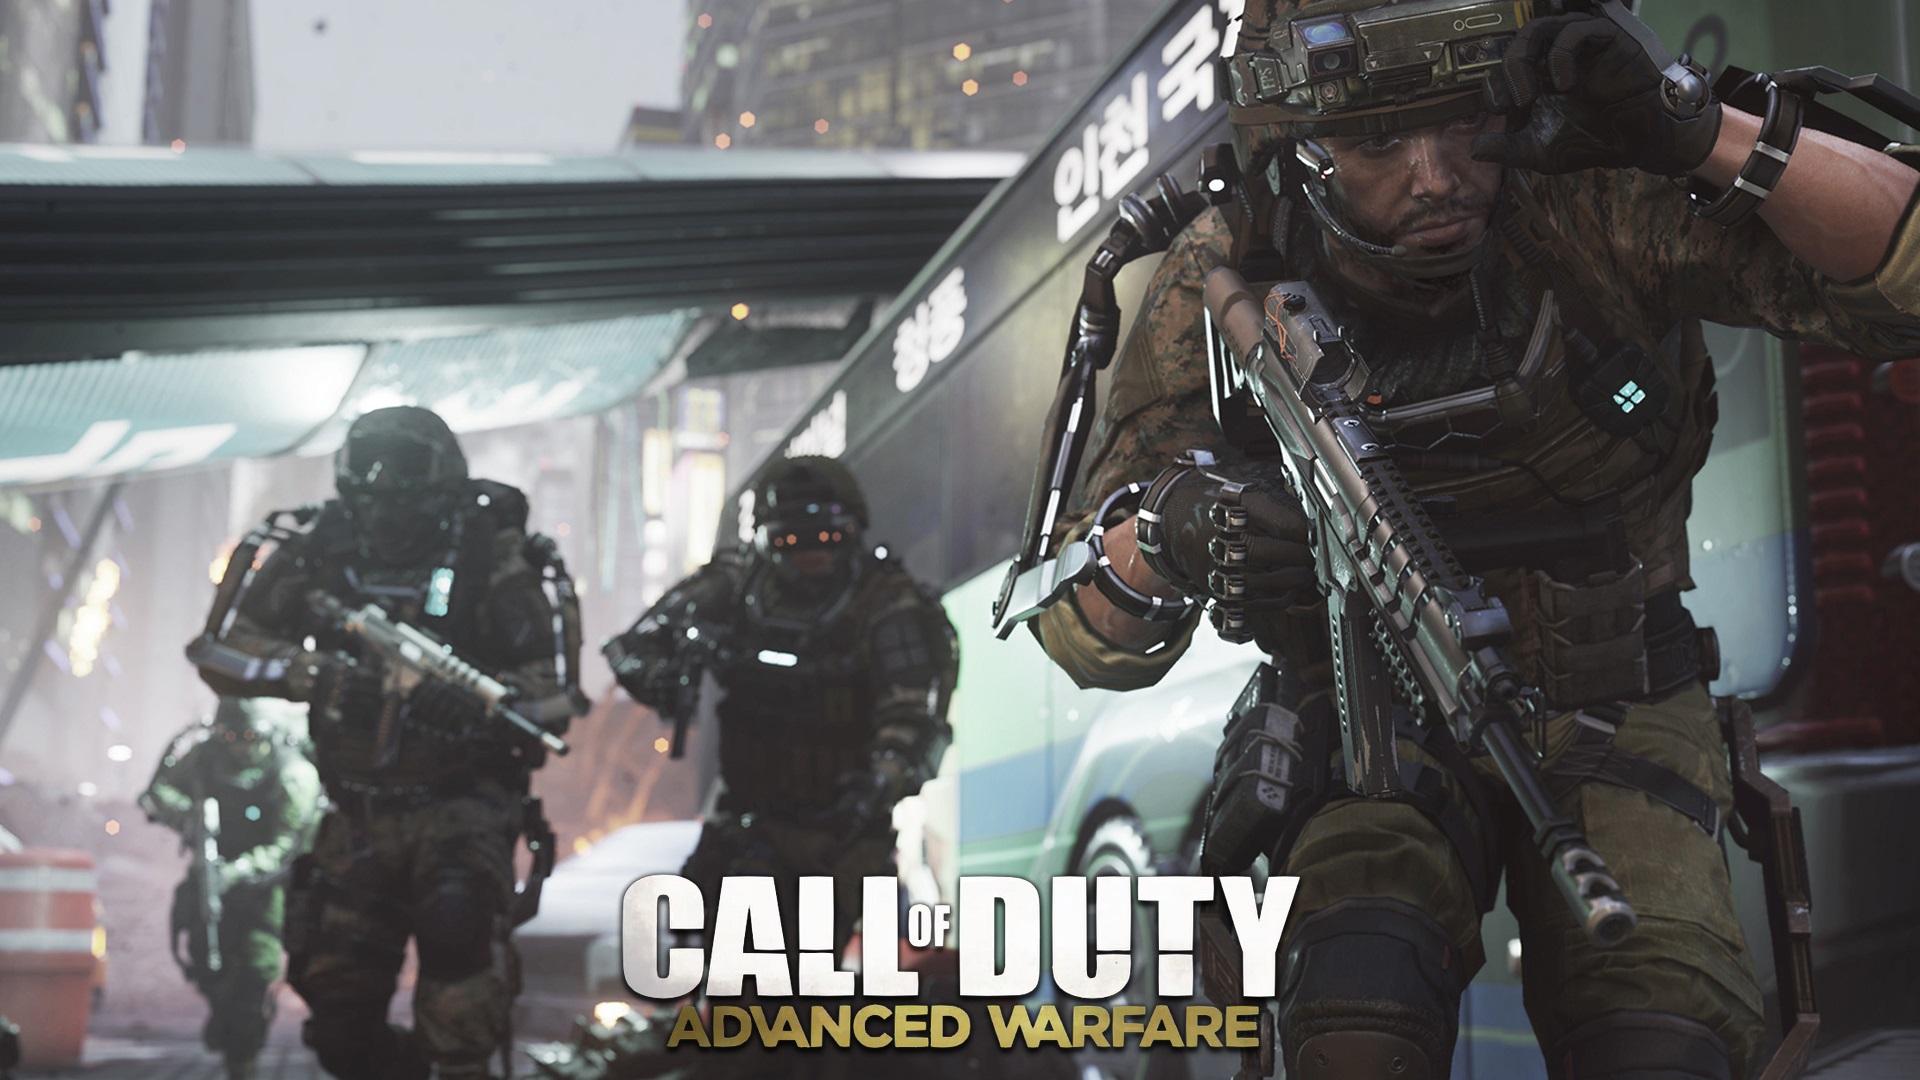 Hintergrundbilder Von Call Of Duty: Call Of Duty: Erweiterte Warfare, Geheime Aktion 1920x1200